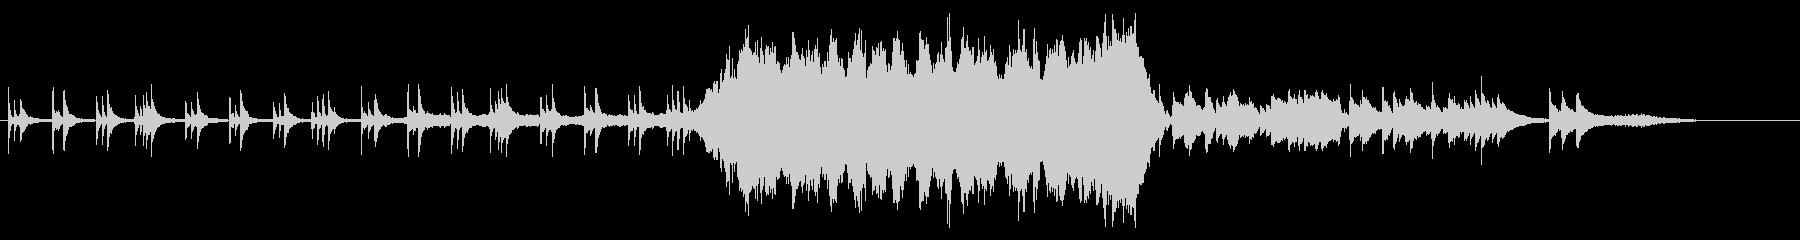 ピアノとストリングスの切ないバラードの未再生の波形